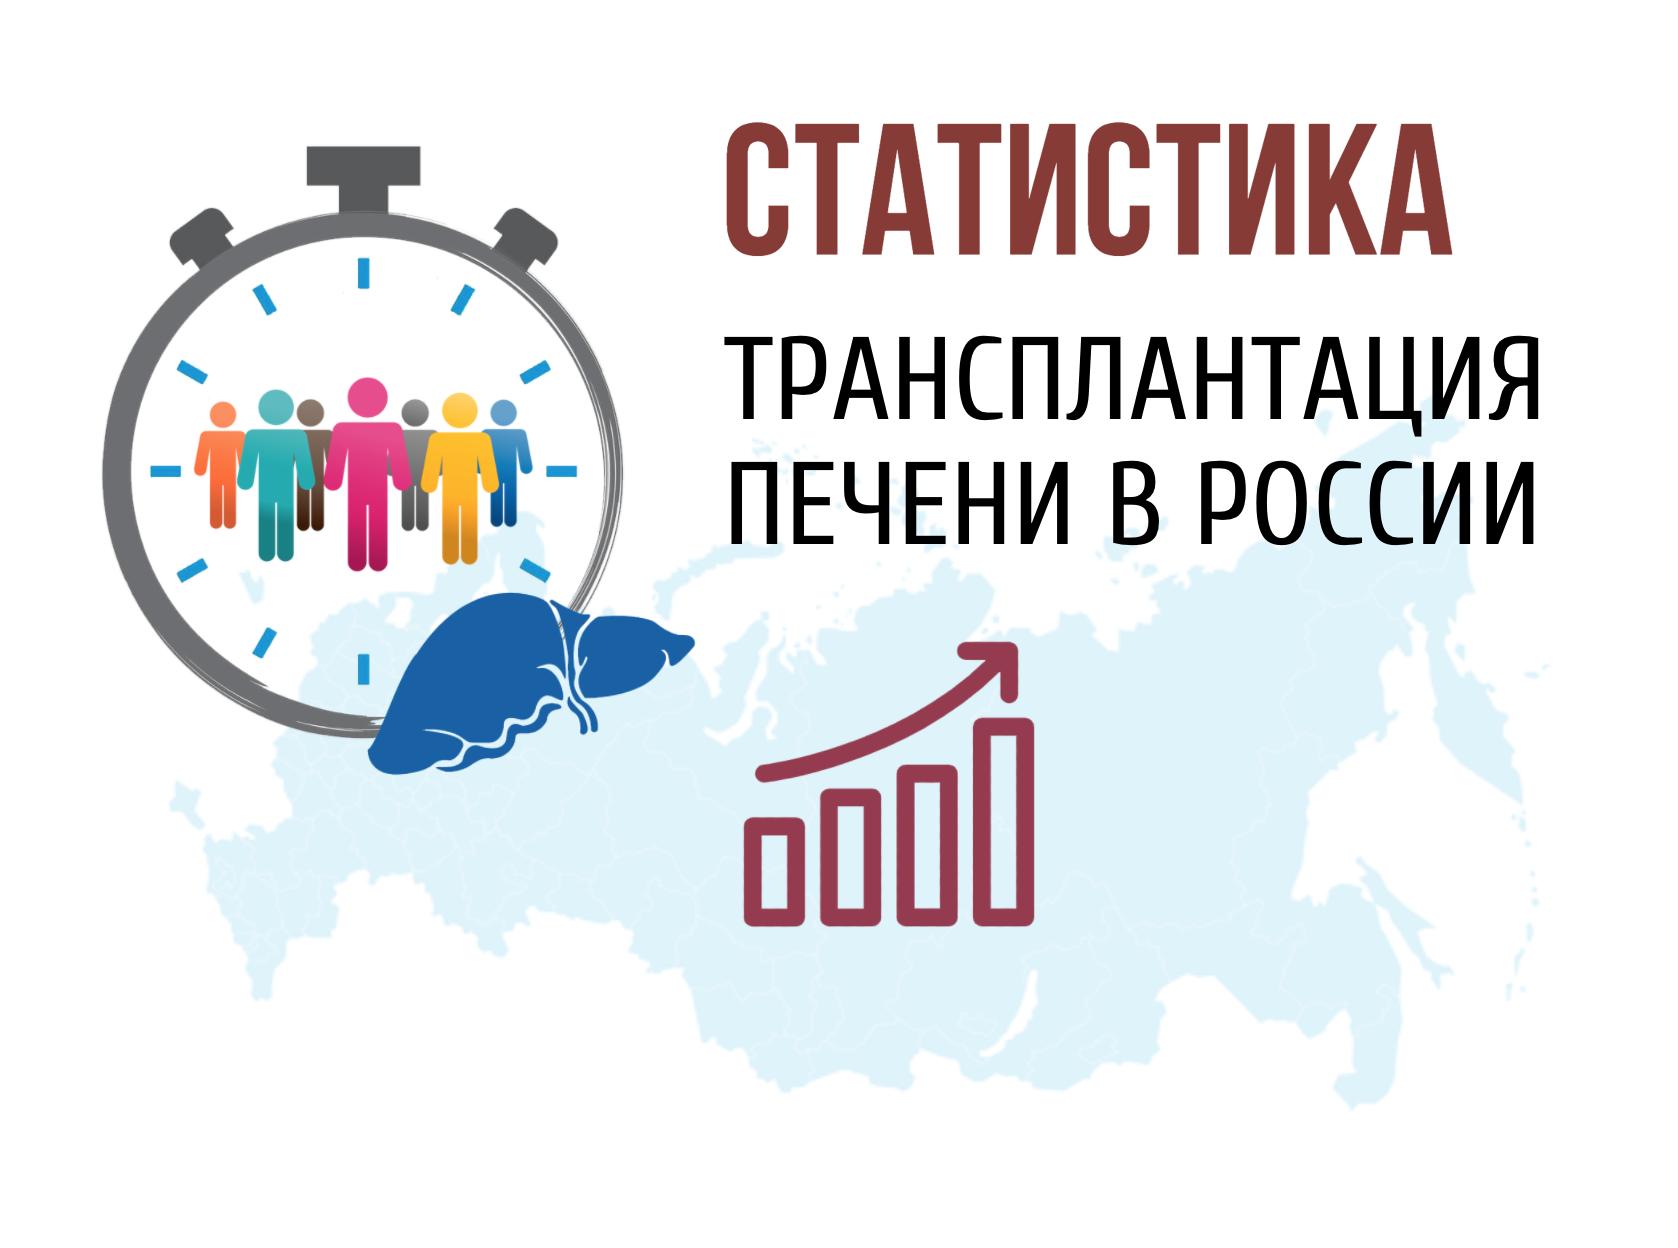 Статистика по трансплантации печени в России